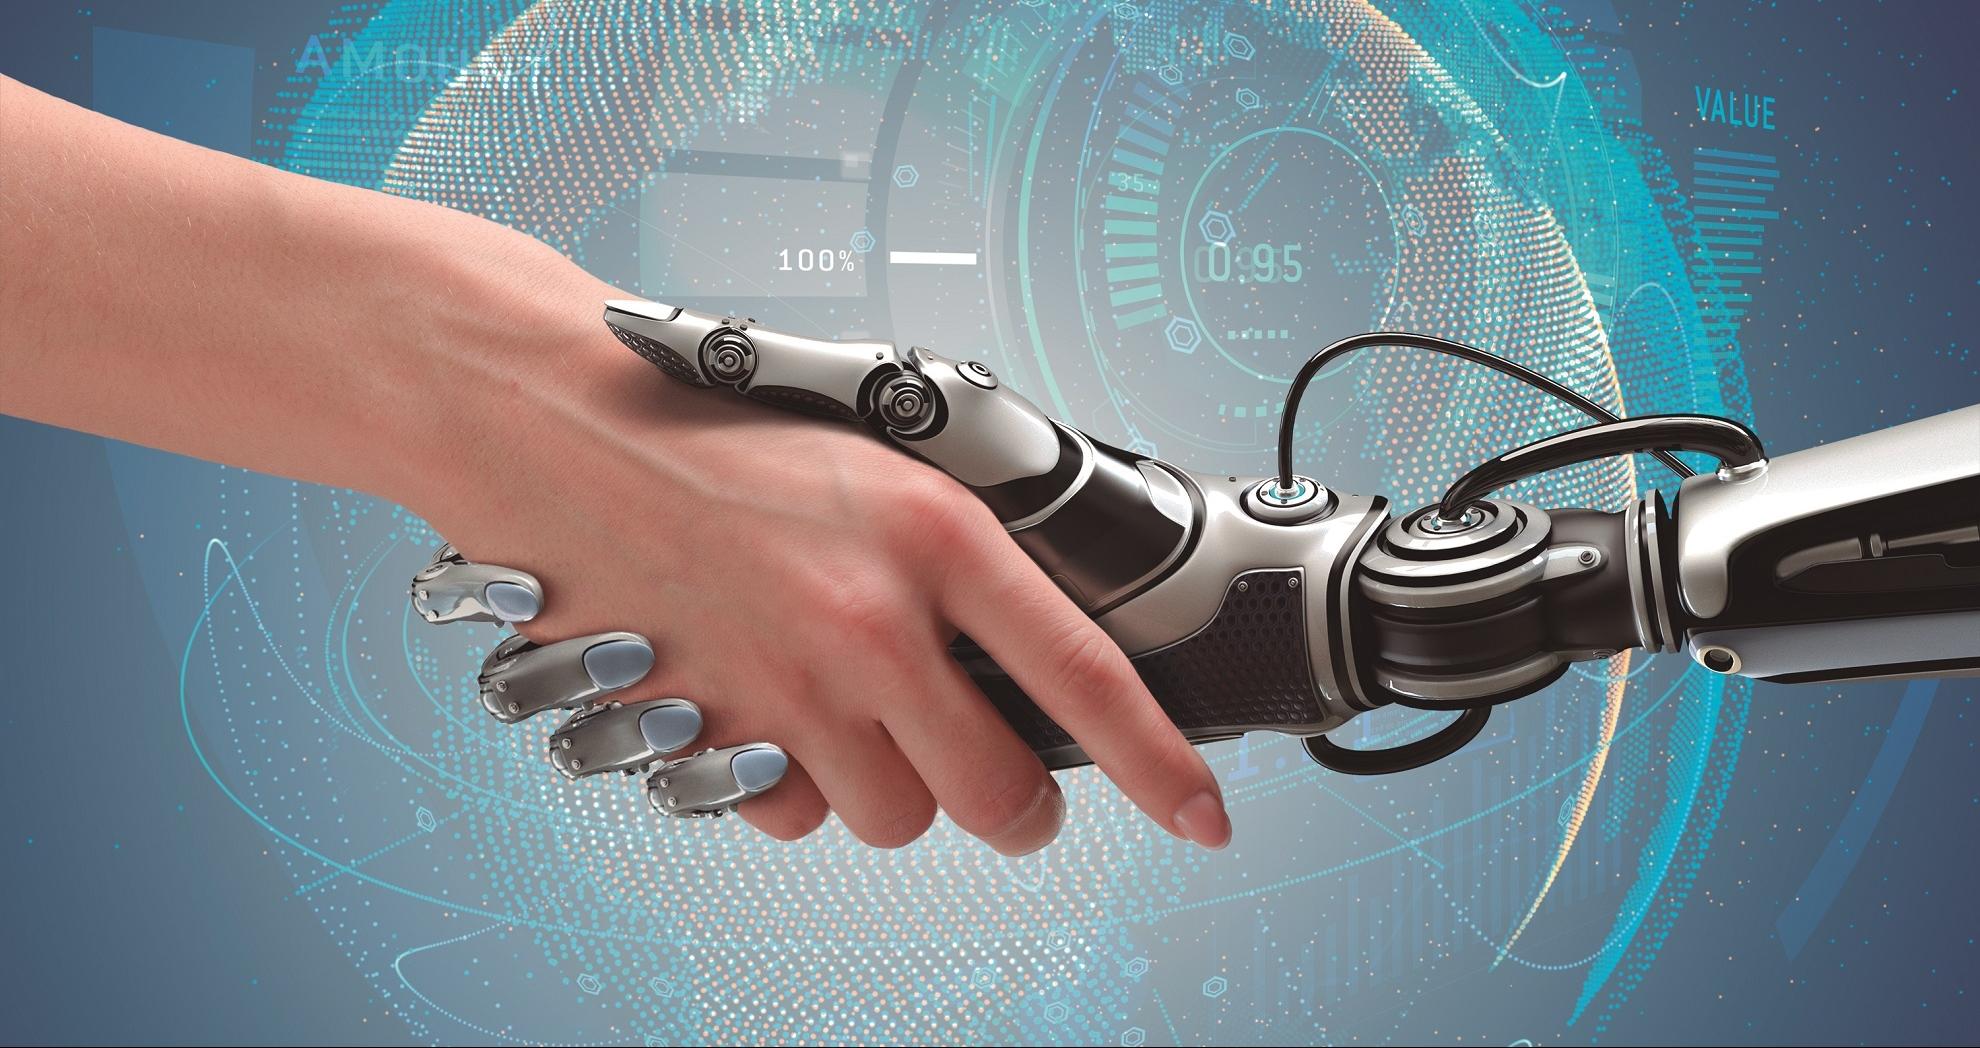 Os desafios e as vantagens de mesclar uma equipe de RH metade humana, metade máquina com inteligência artificial